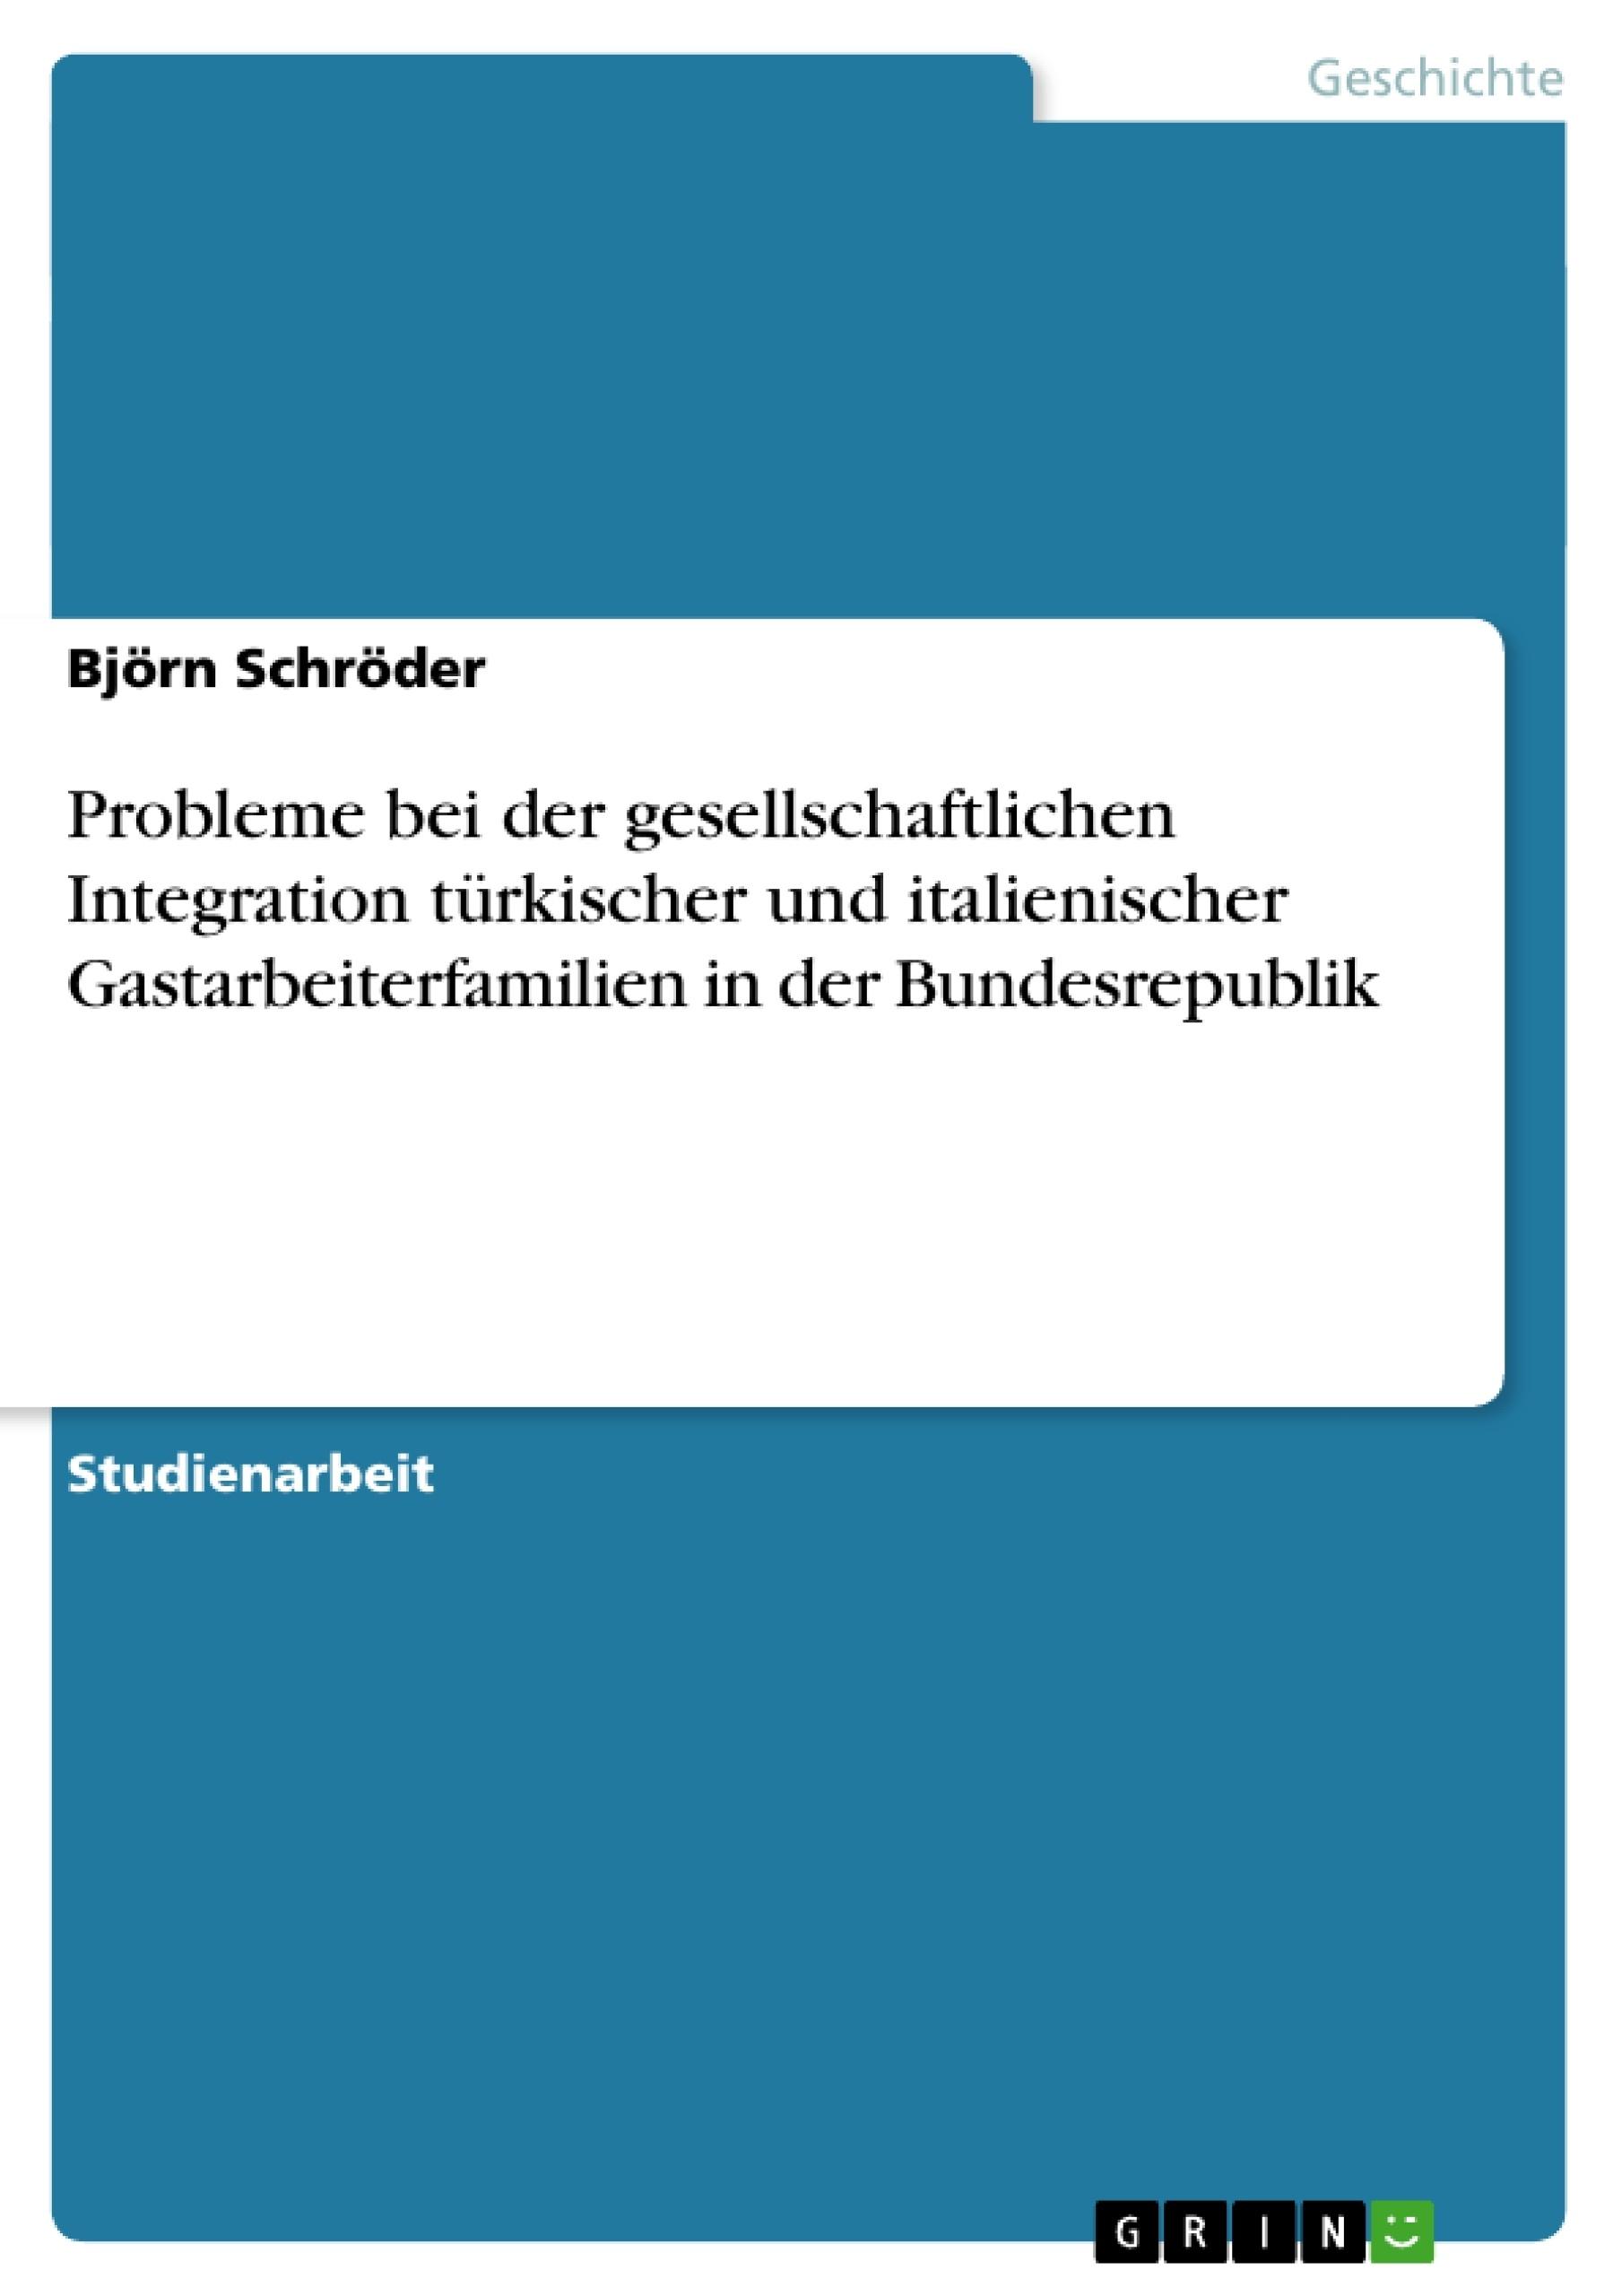 Titel: Probleme bei der gesellschaftlichen Integration türkischer und italienischer Gastarbeiterfamilien in der Bundesrepublik